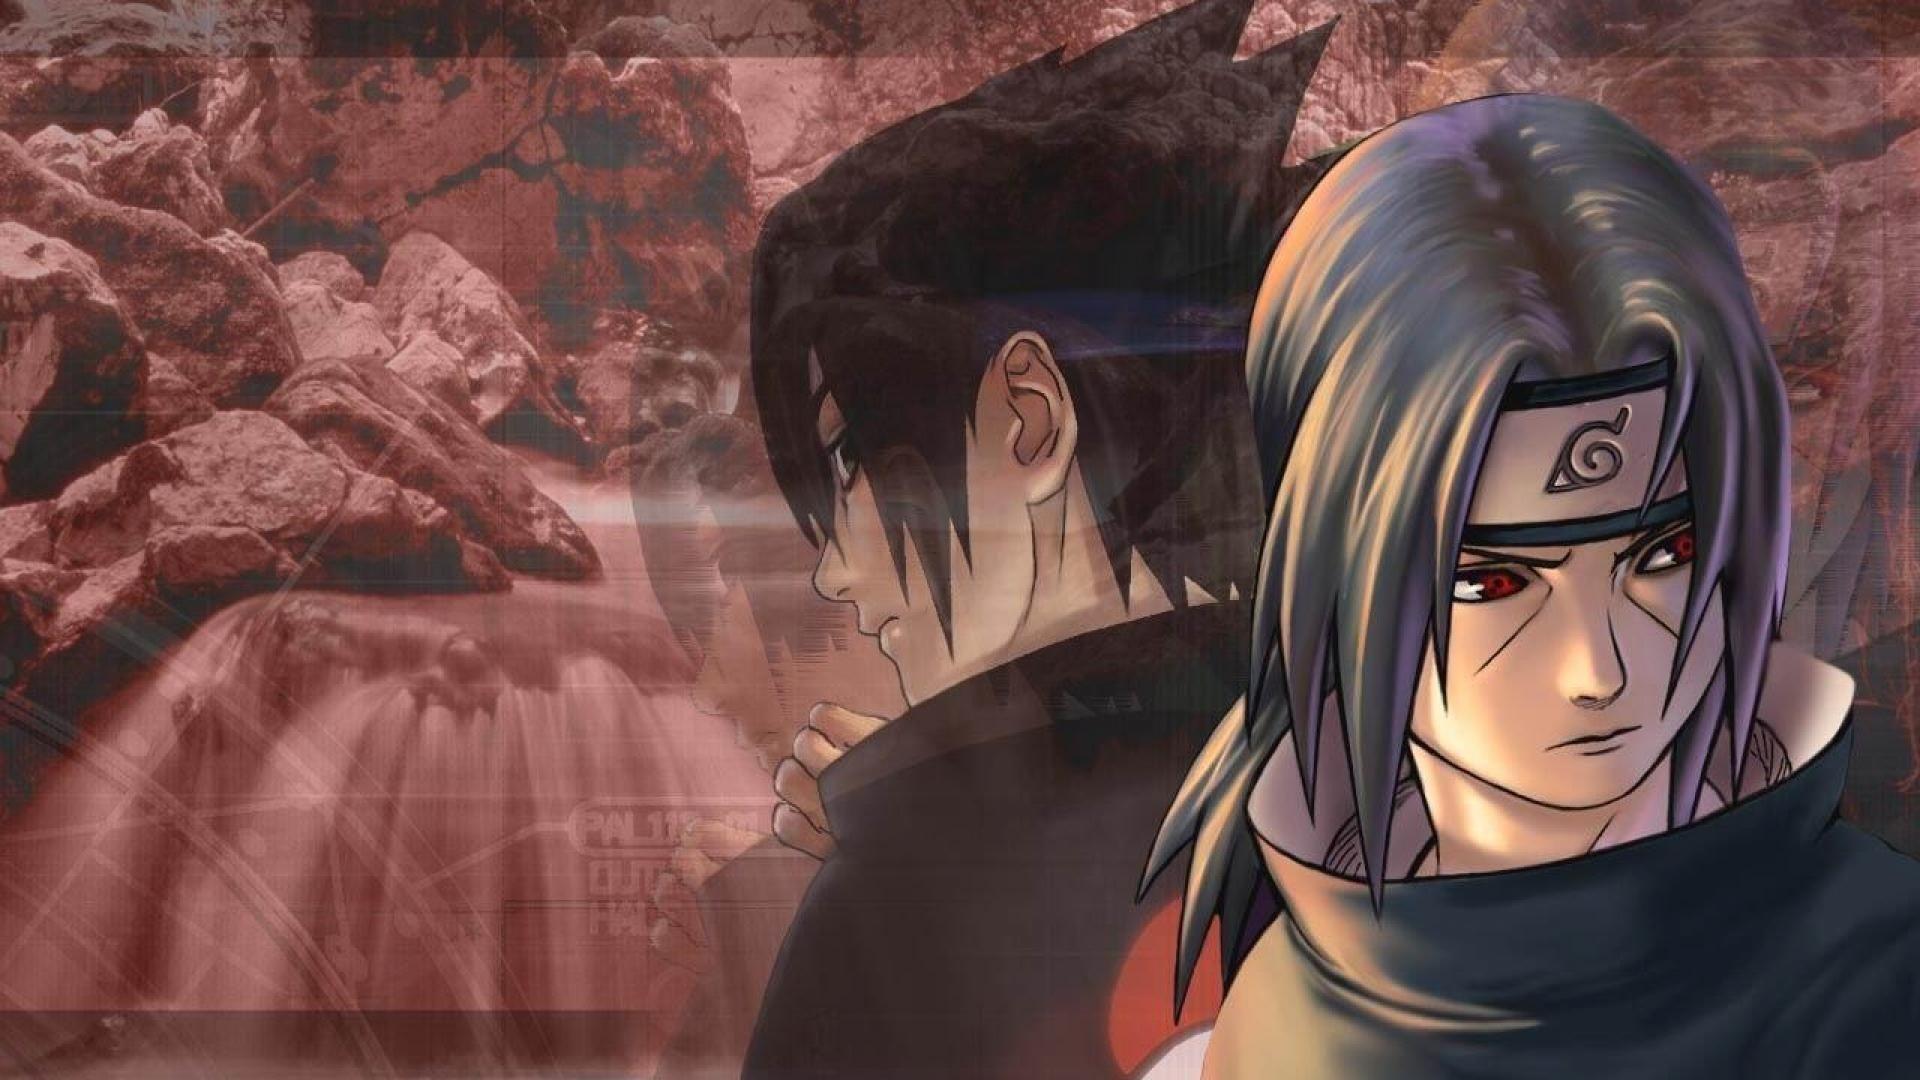 Naruto and Sasuke, Desktop Wallpaper